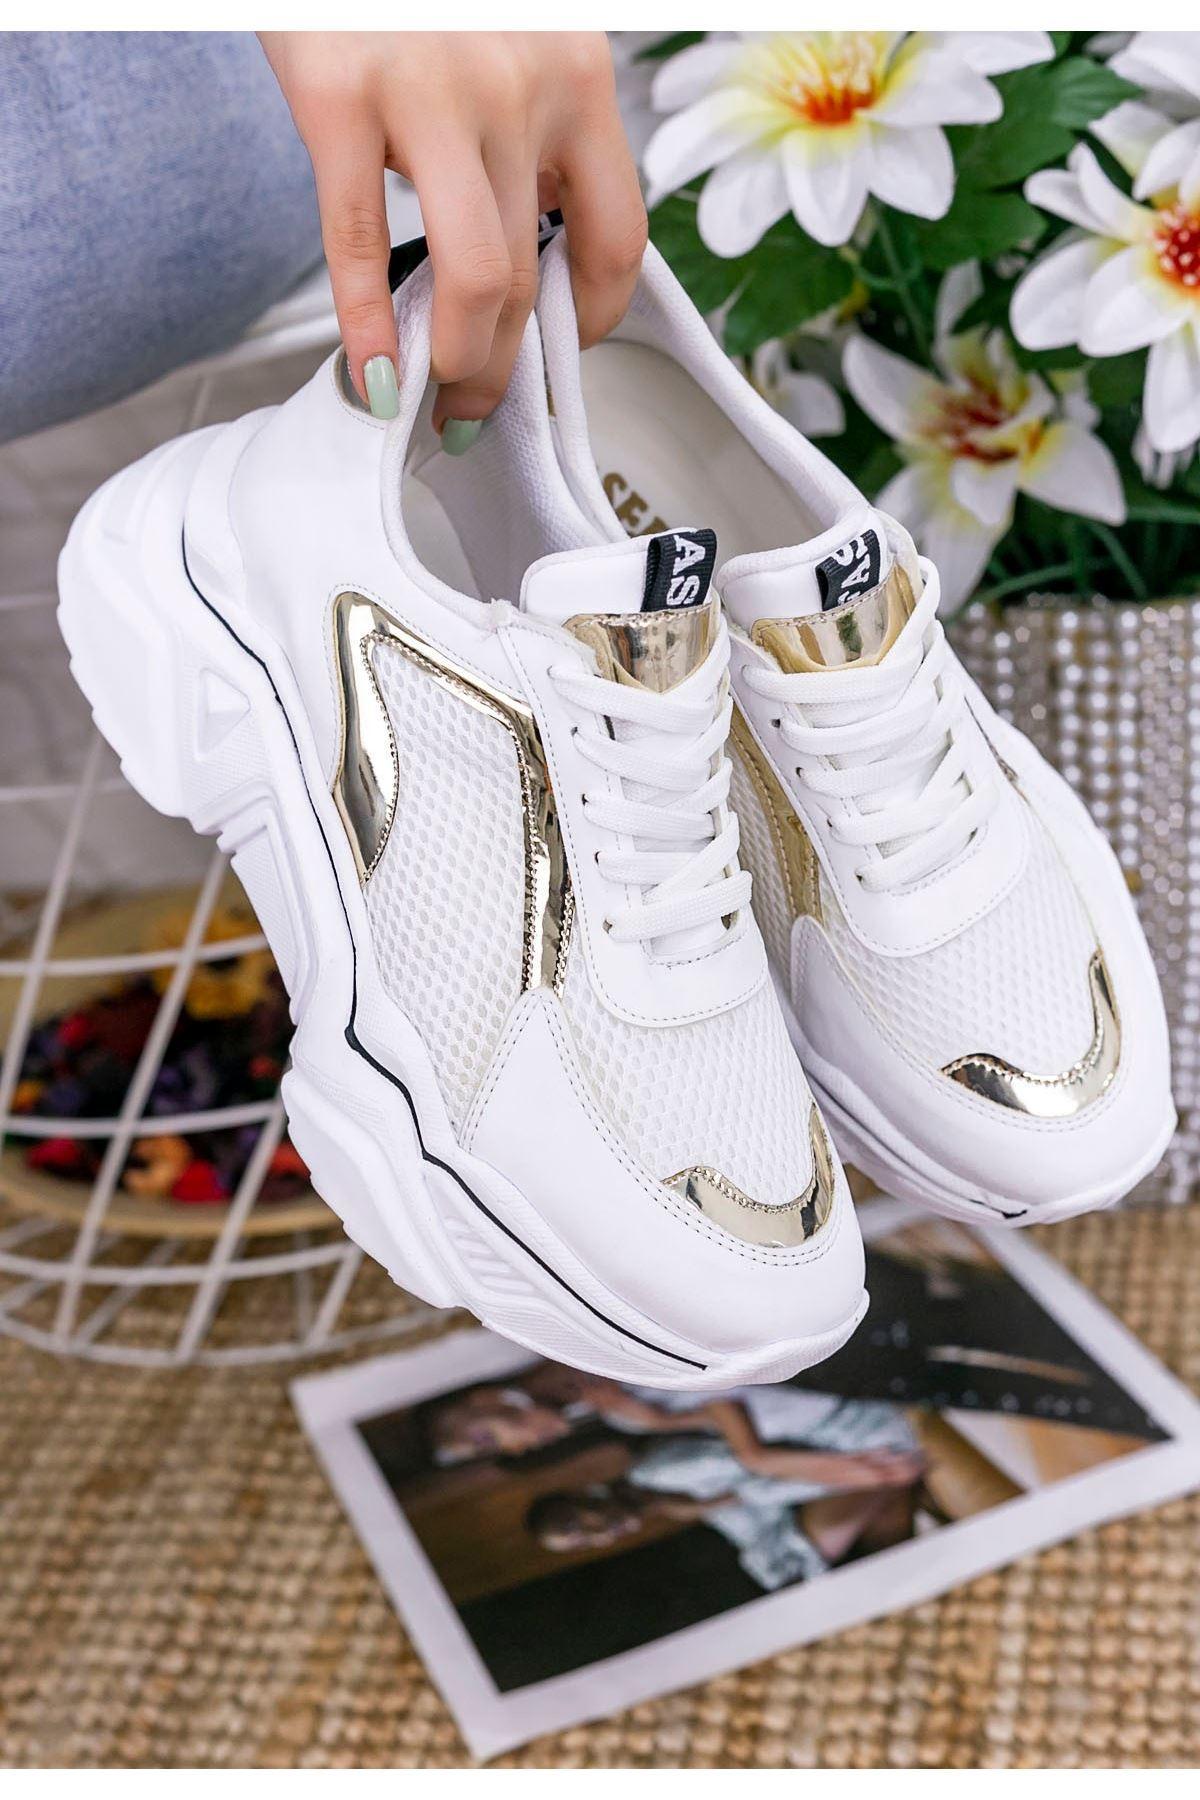 Vira Beyaz Cilt Sarı Rugan Siyah Çizgili Spor Ayakkabı